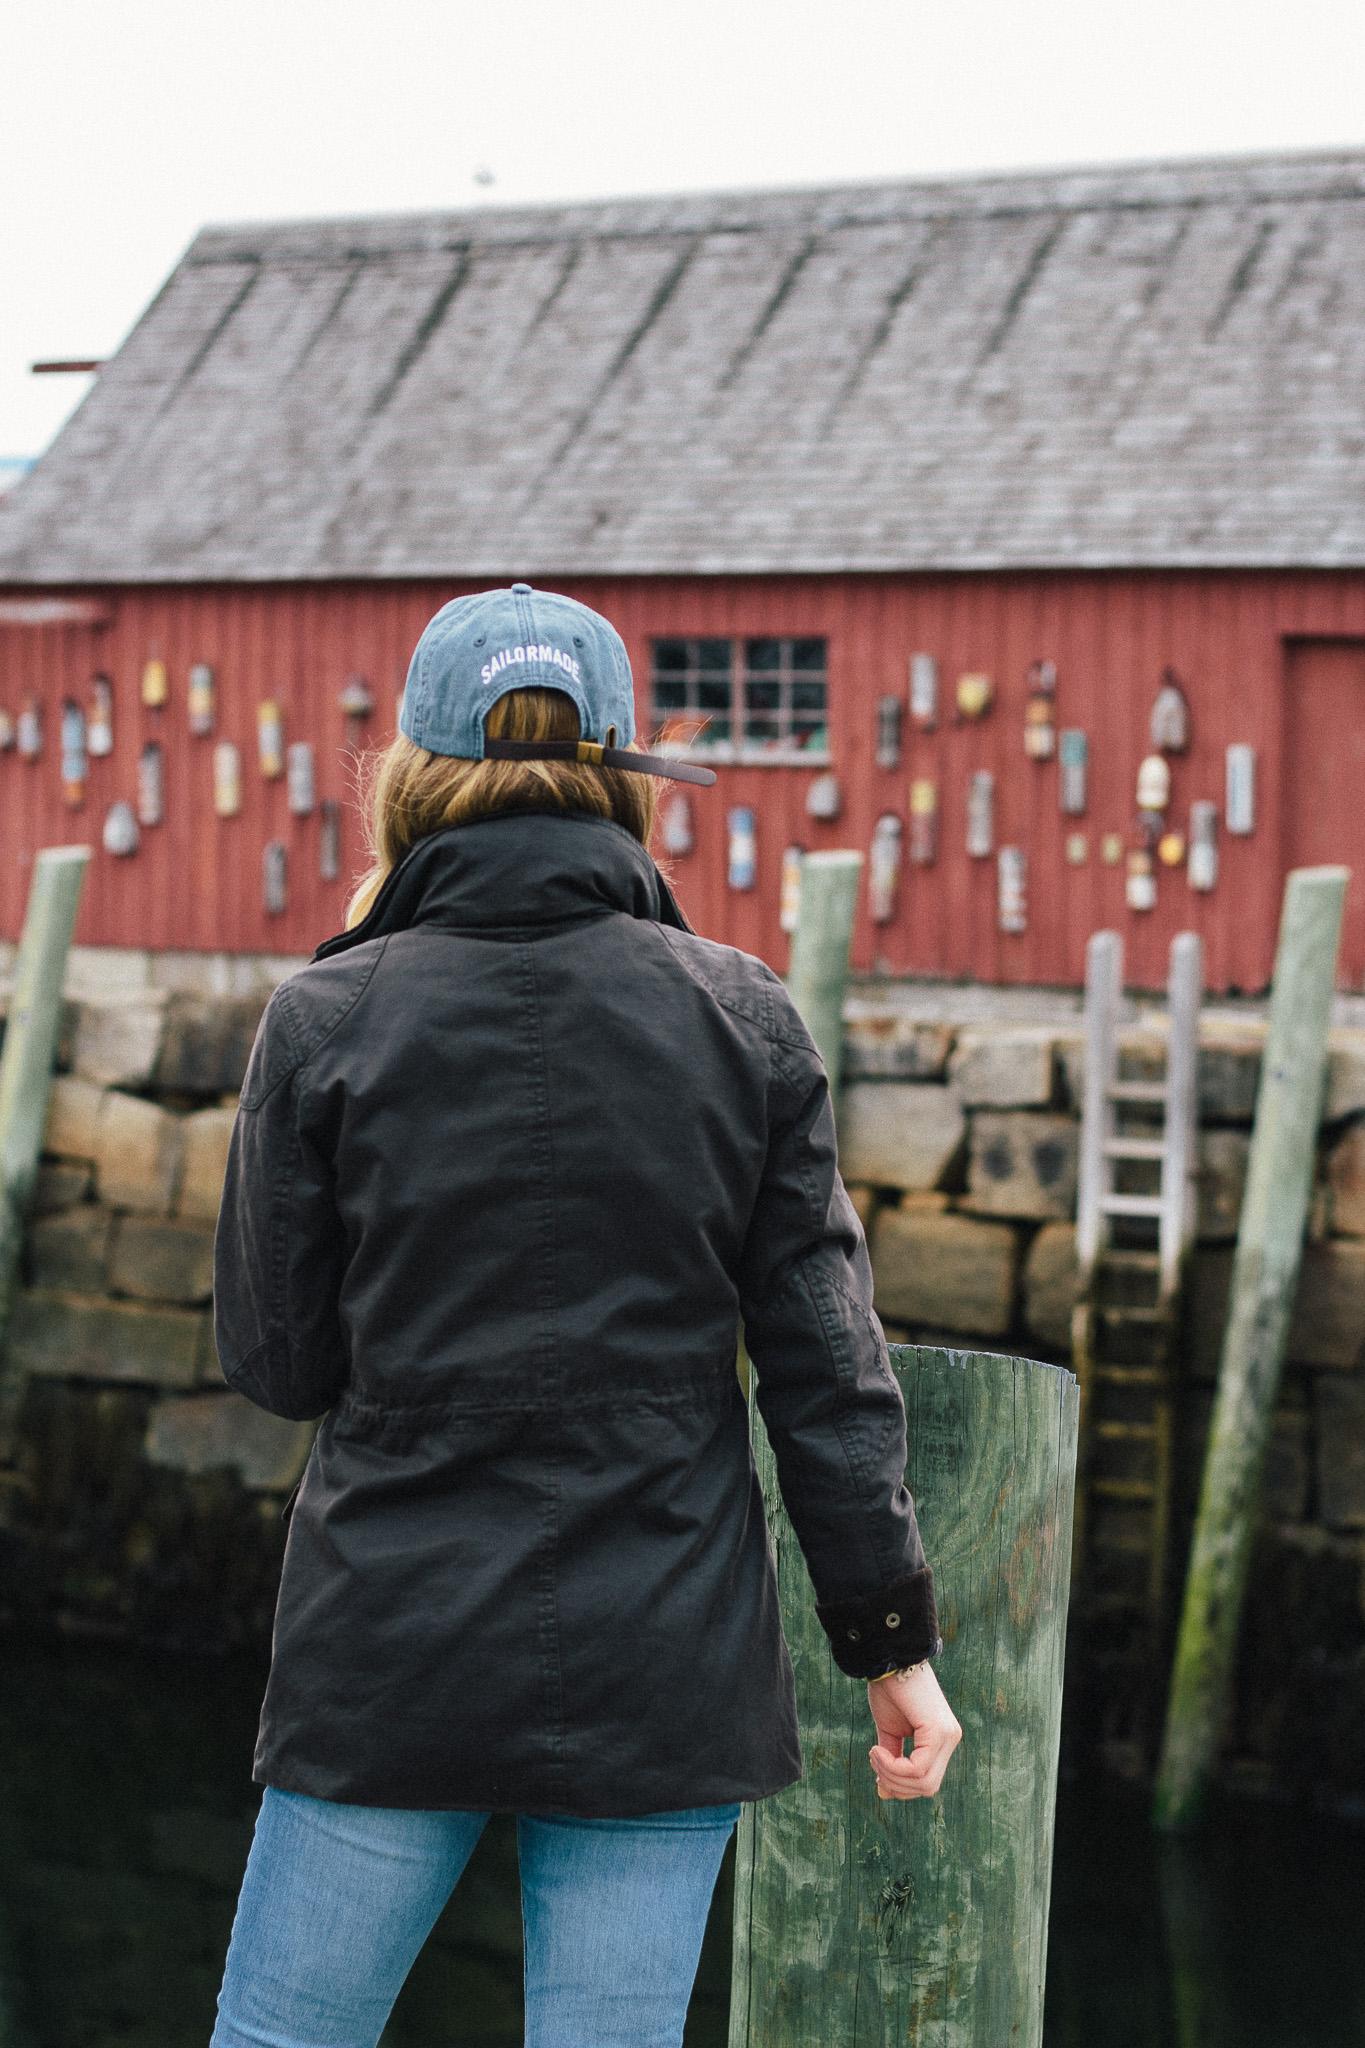 caitlin-elizabeth-james-sailormade-rockport-146.jpg